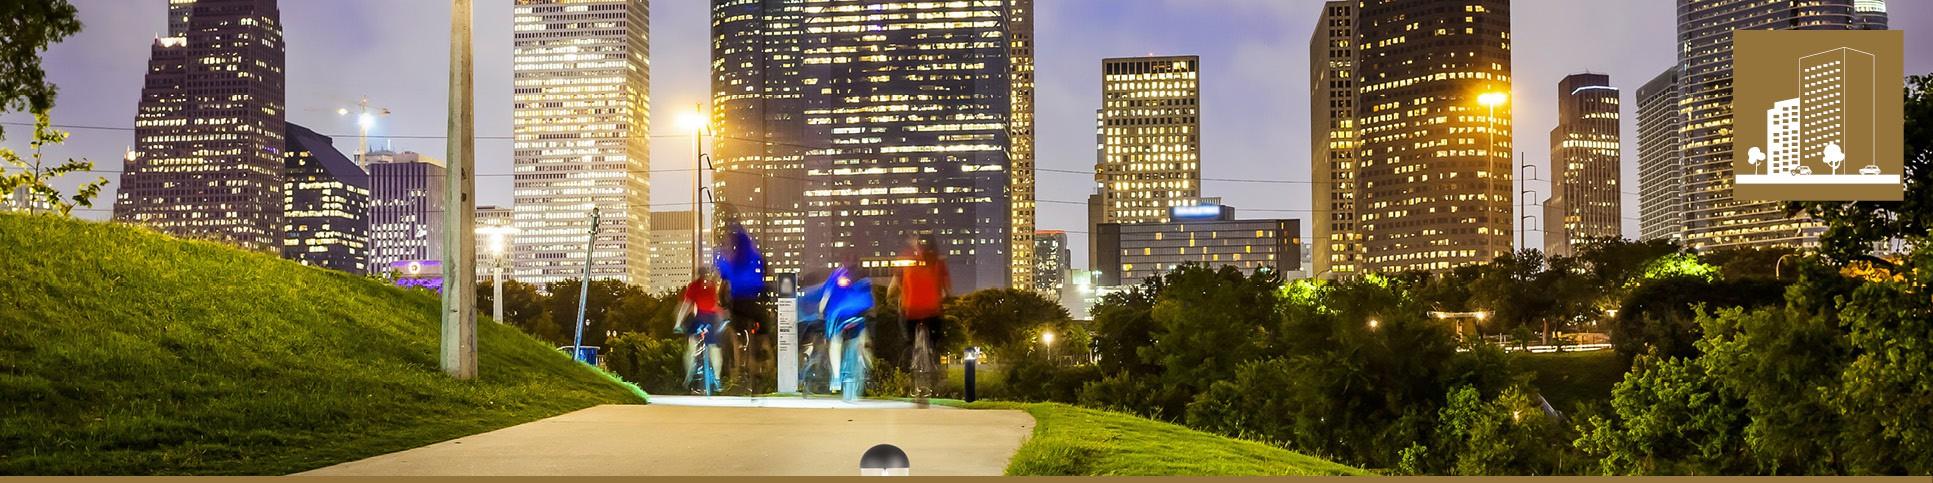 Lighting for Urban